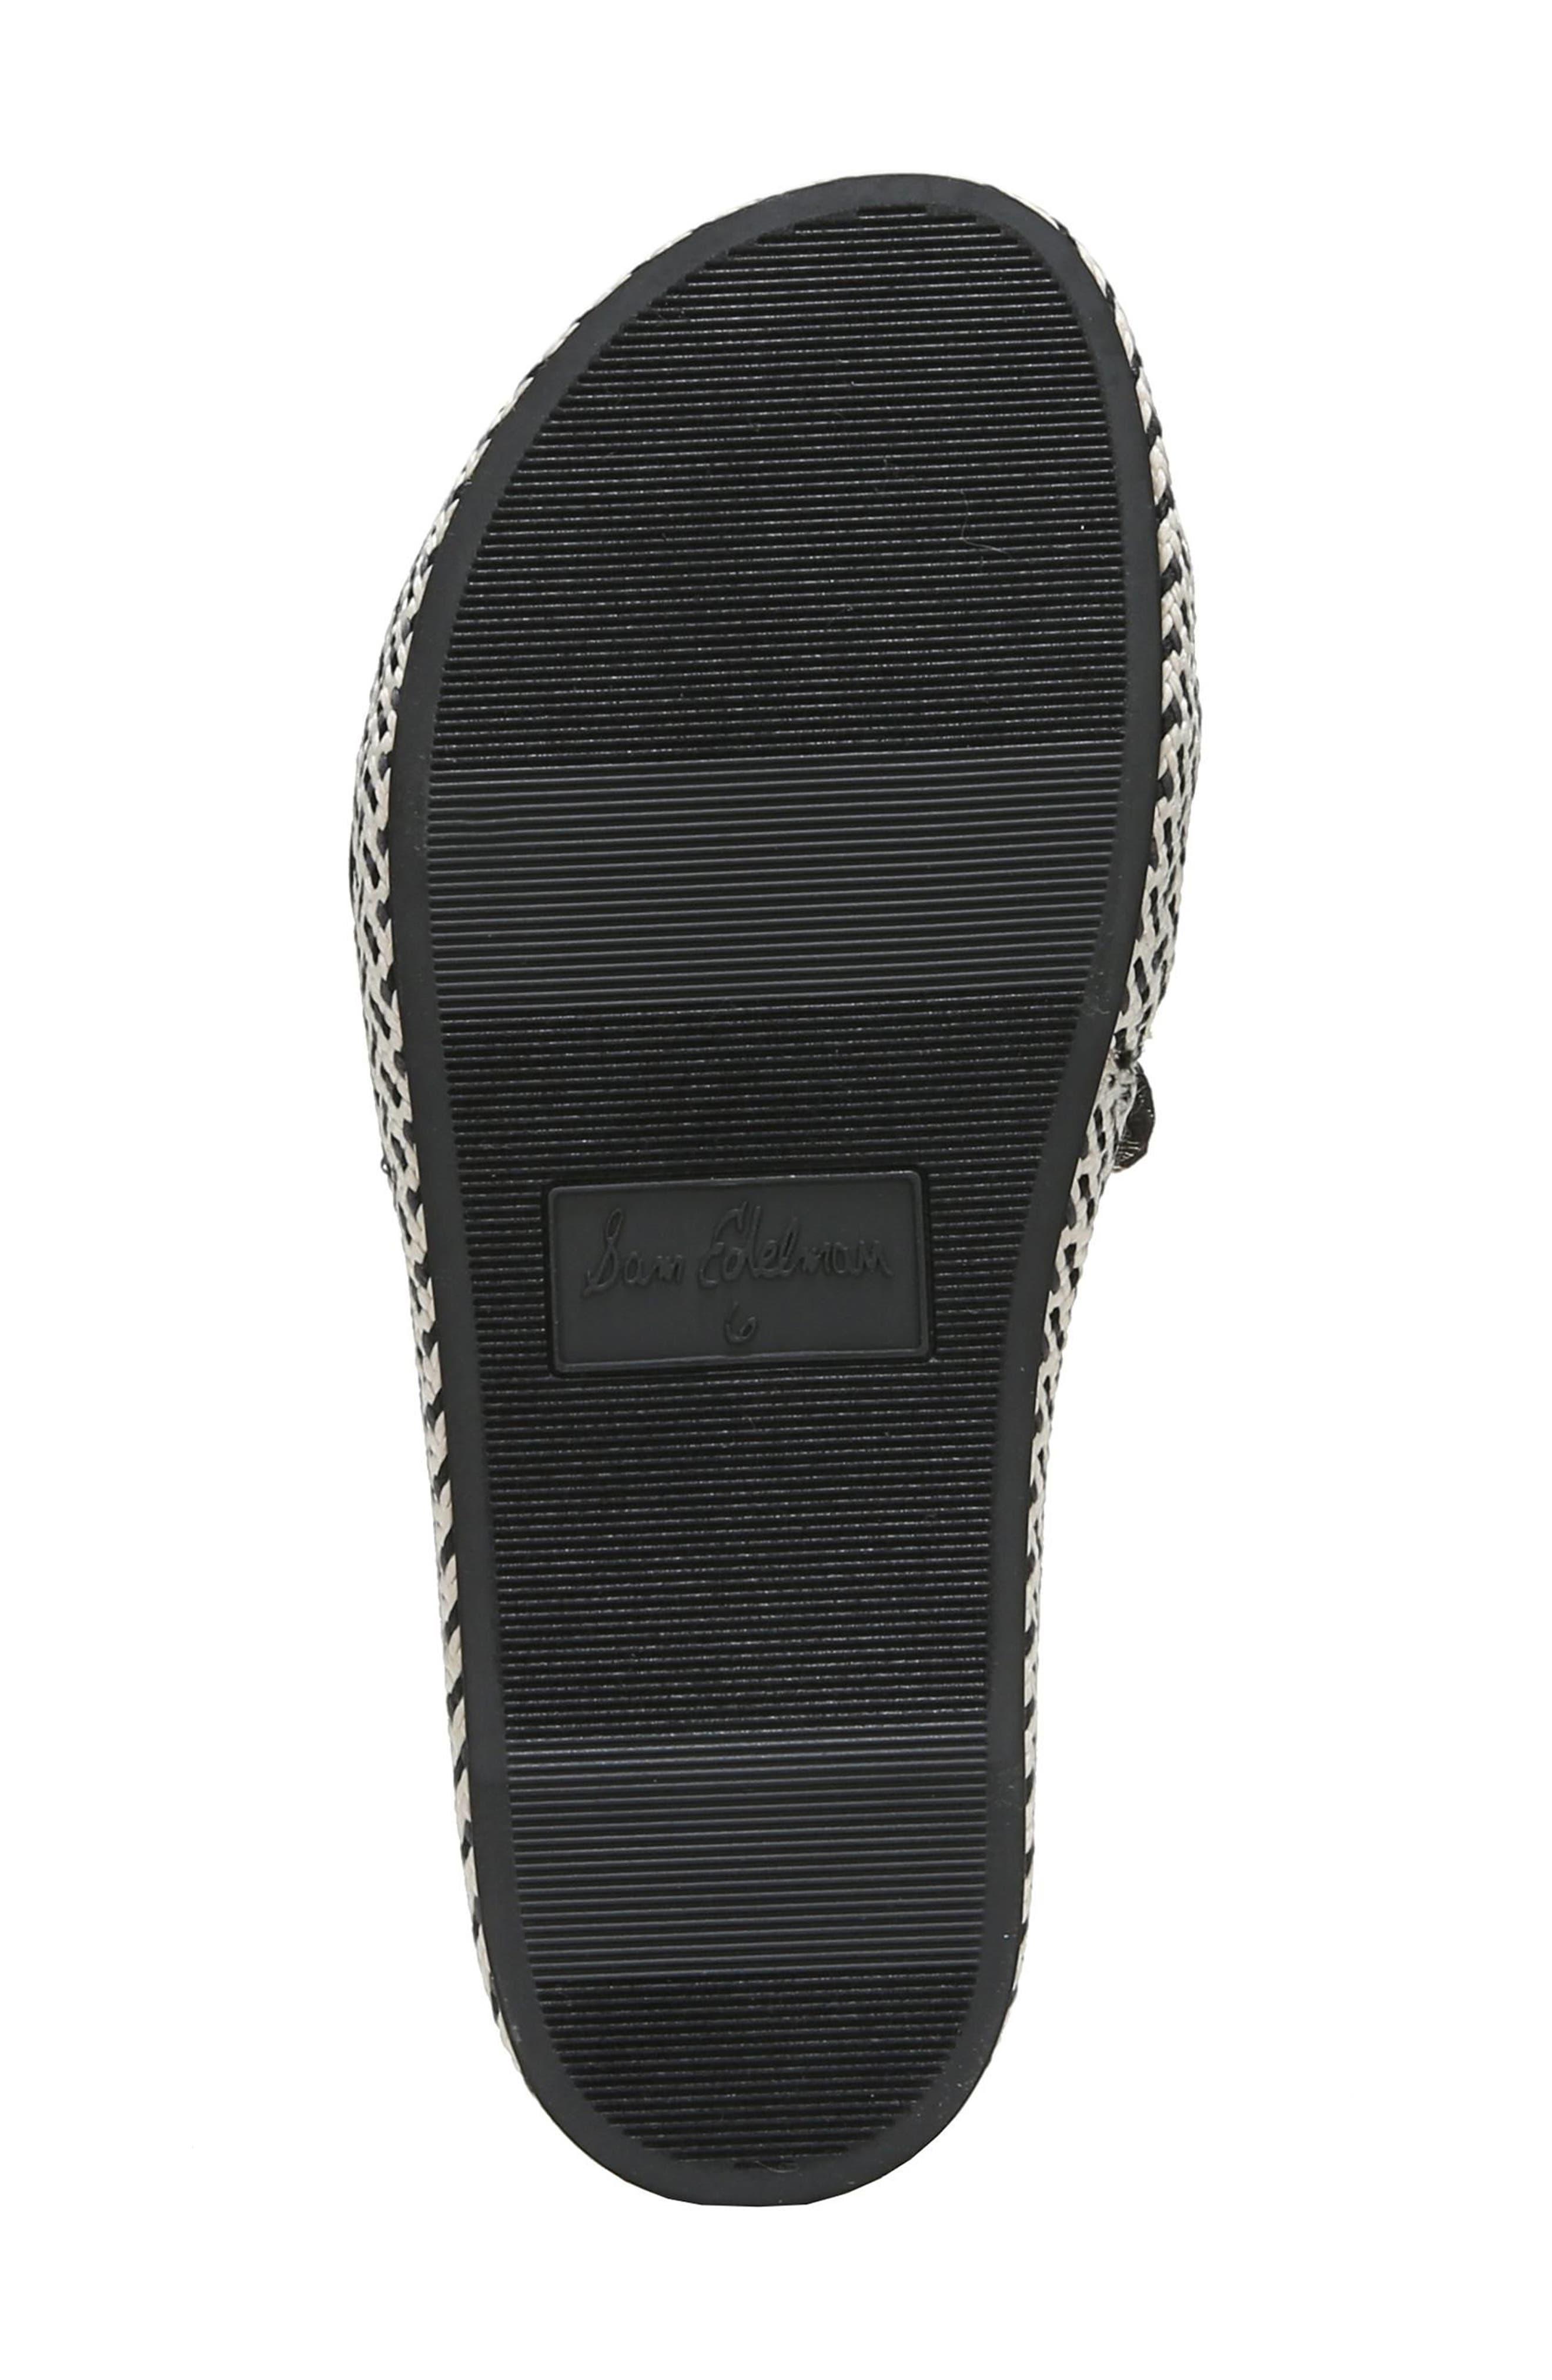 Bodie Slide Sandal,                             Alternate thumbnail 6, color,                             Black Floral Brocade